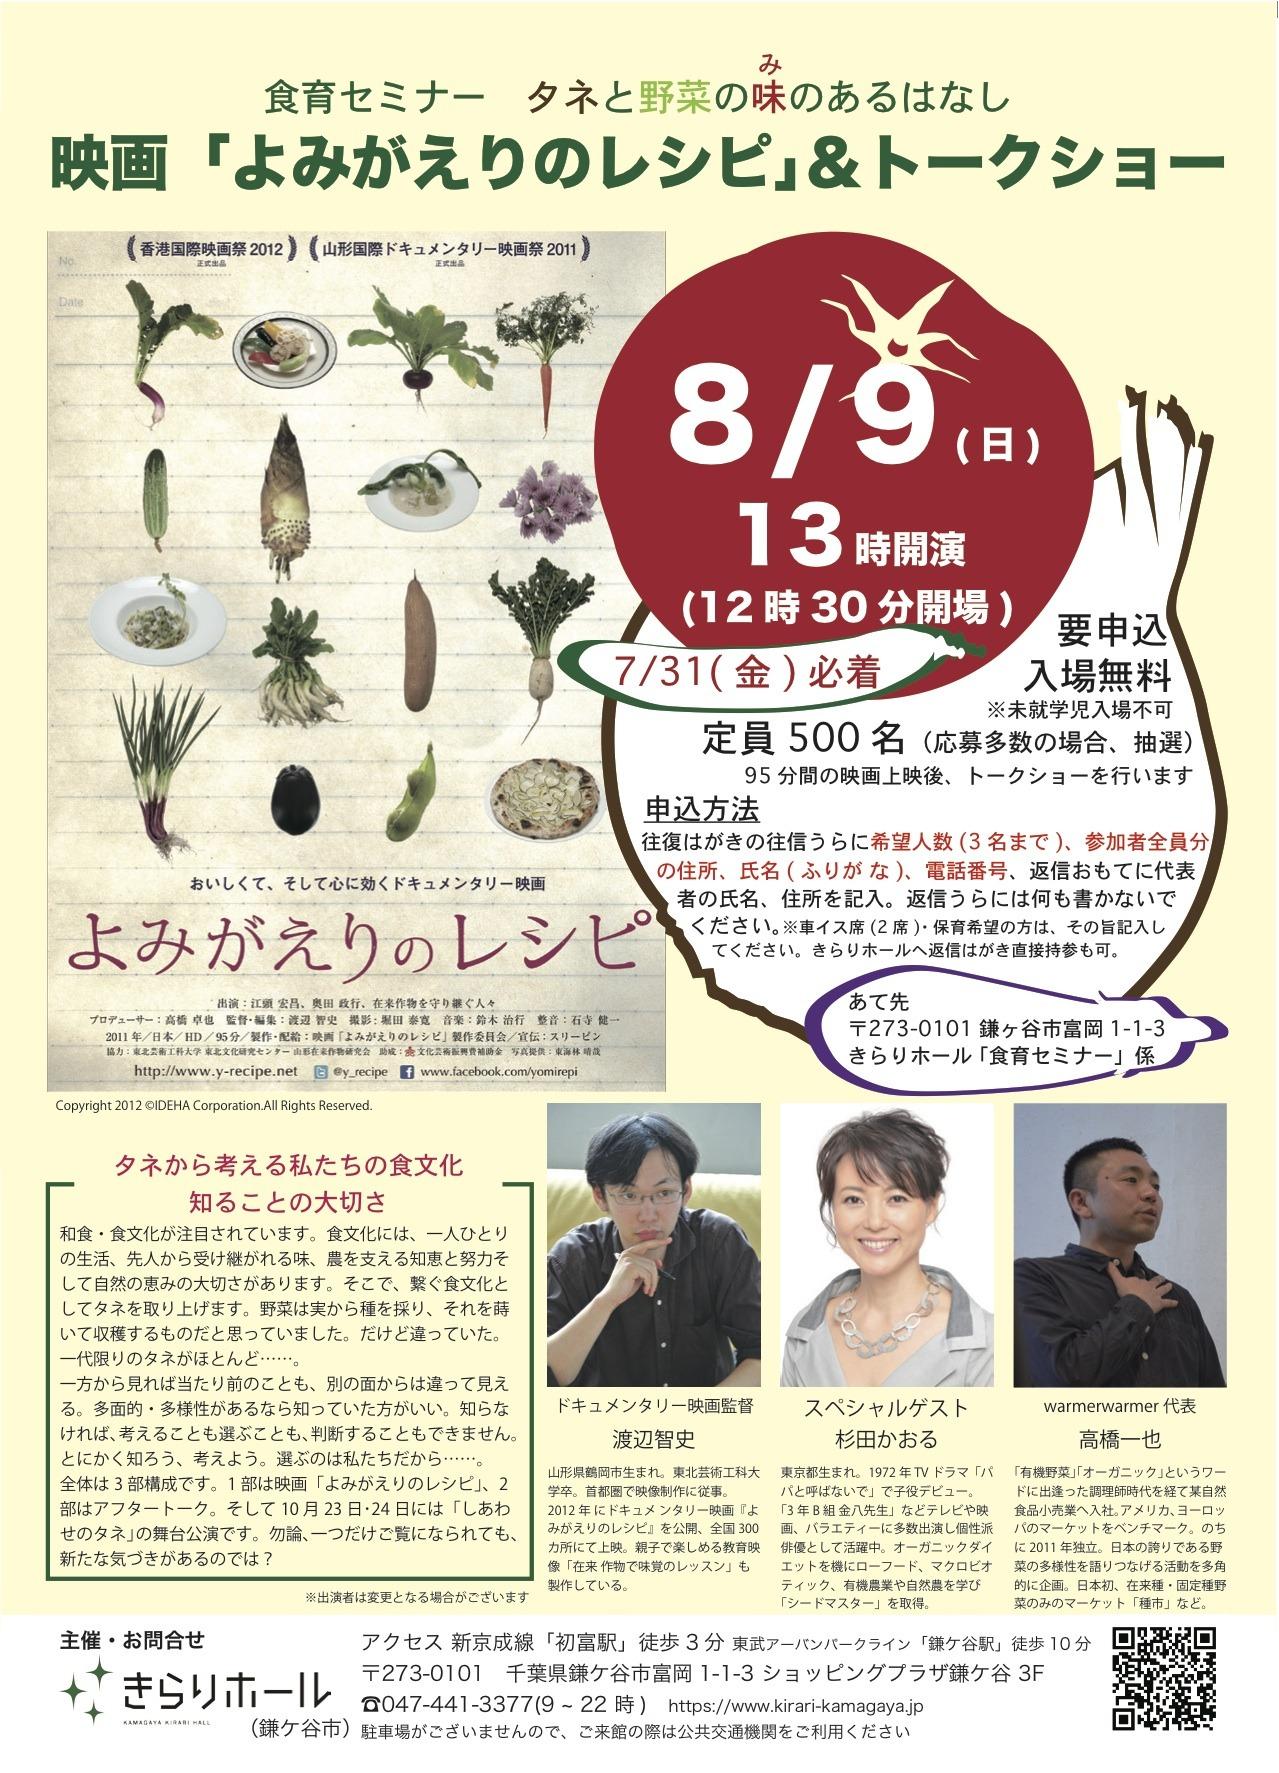 8/9 映画「よみがえりのレシピ」&トークショー